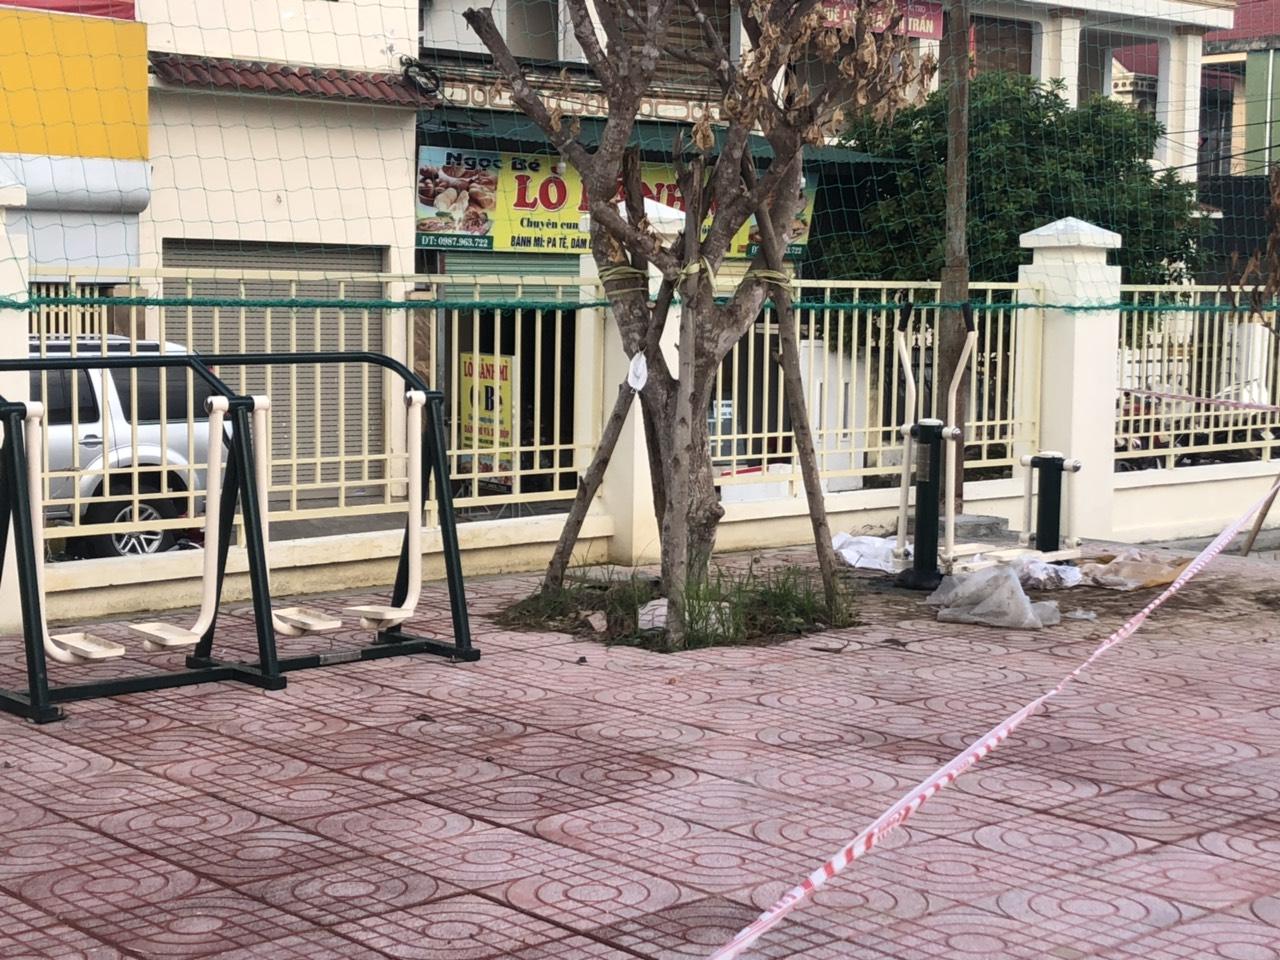 Dụng cụ thể thao ngoài trời được lắp đặt tại công viên, khu dân cư